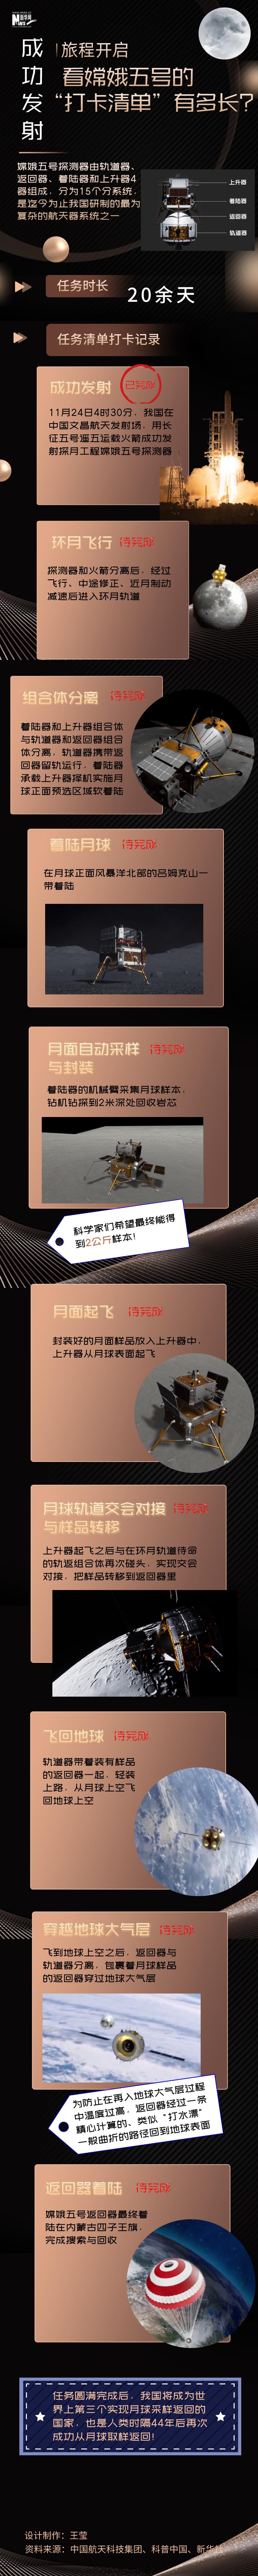 """旅程开启,看嫦娥五号的""""打卡清单""""有多长?图片"""